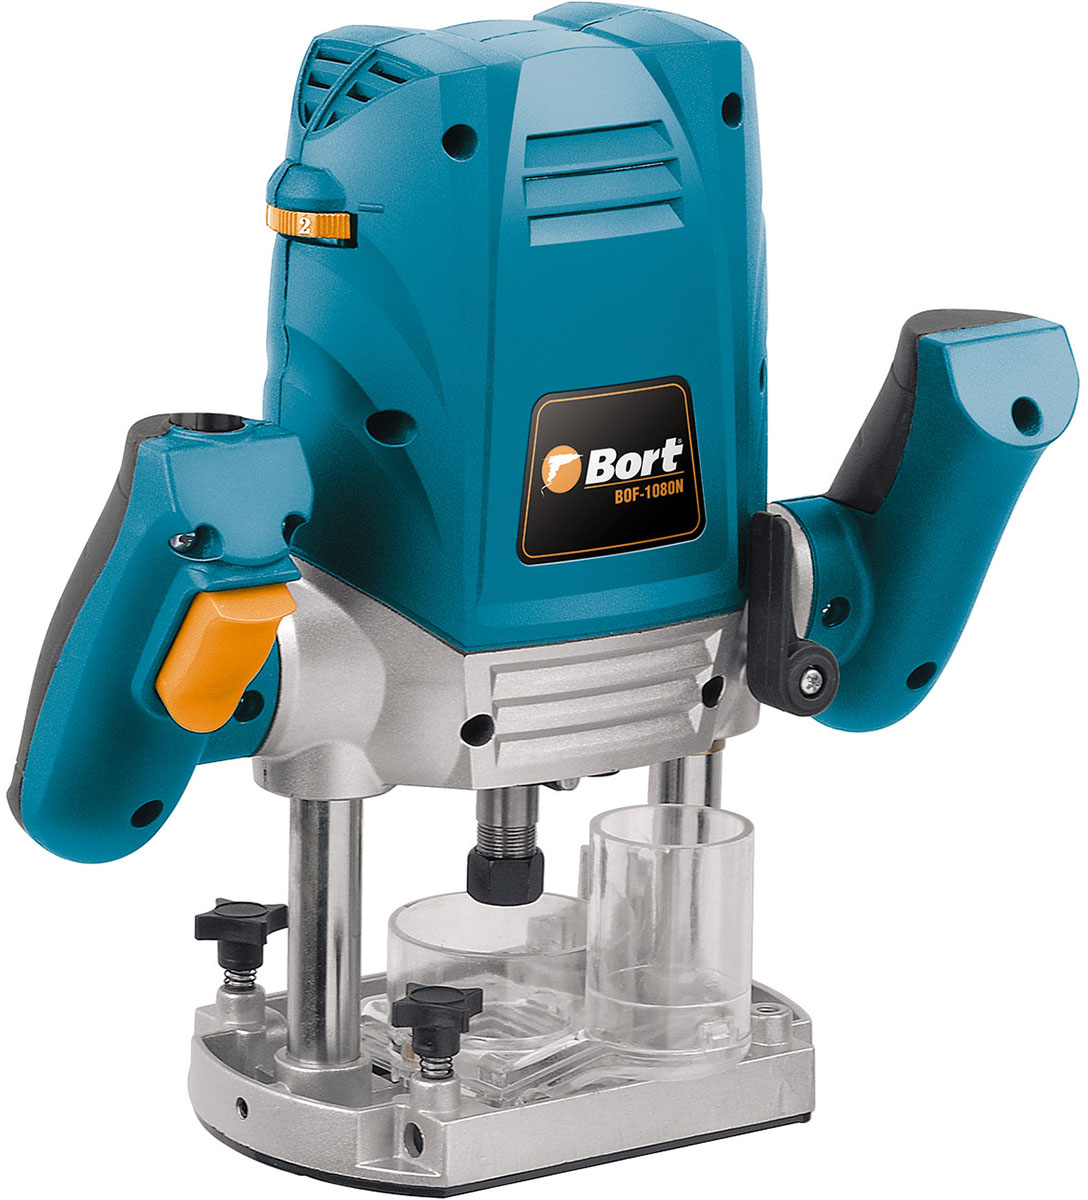 Фрезер Bort BOF-1080N, электрическийBOF-1080NЭлектрический фрезер Bort BOF-1080N активно применяется в мебельном и дверном производстве. Модель имеет небольшой вес и габариты, что позволяет перевозить ее в багажнике автомобиля. Полупрофессиональный инструмент пропиливает отверстия глубиной до 44 мм, а мощный двигатель разгоняет режущие элементы до 30000 об/мин. Фрезер предназначен для обработки деревянных заготовок, однако на минимальных скоростях эффективно режет и металл, и пластик.Комплектация: параллельная направляющая, ключ, фреза, адаптер для подключения пылесоса, дополнительный комплект щеток, центральный упор, цанга 6 мм, цанга 8 мм.Характеристики: Регулировка оборотов: есть.Мощность: 1200 Вт.Рабочий ход фрезы: 45 мм. Плавный пуск: нет.Поддержание постоянных оборотов под нагрузкой: нет. Встроенный патрубок пылеотсоса: есть.Число оборотов: 11500-30000 об/мин.Размер цанги: 6-8 мм.Наличие подсветки: нет.